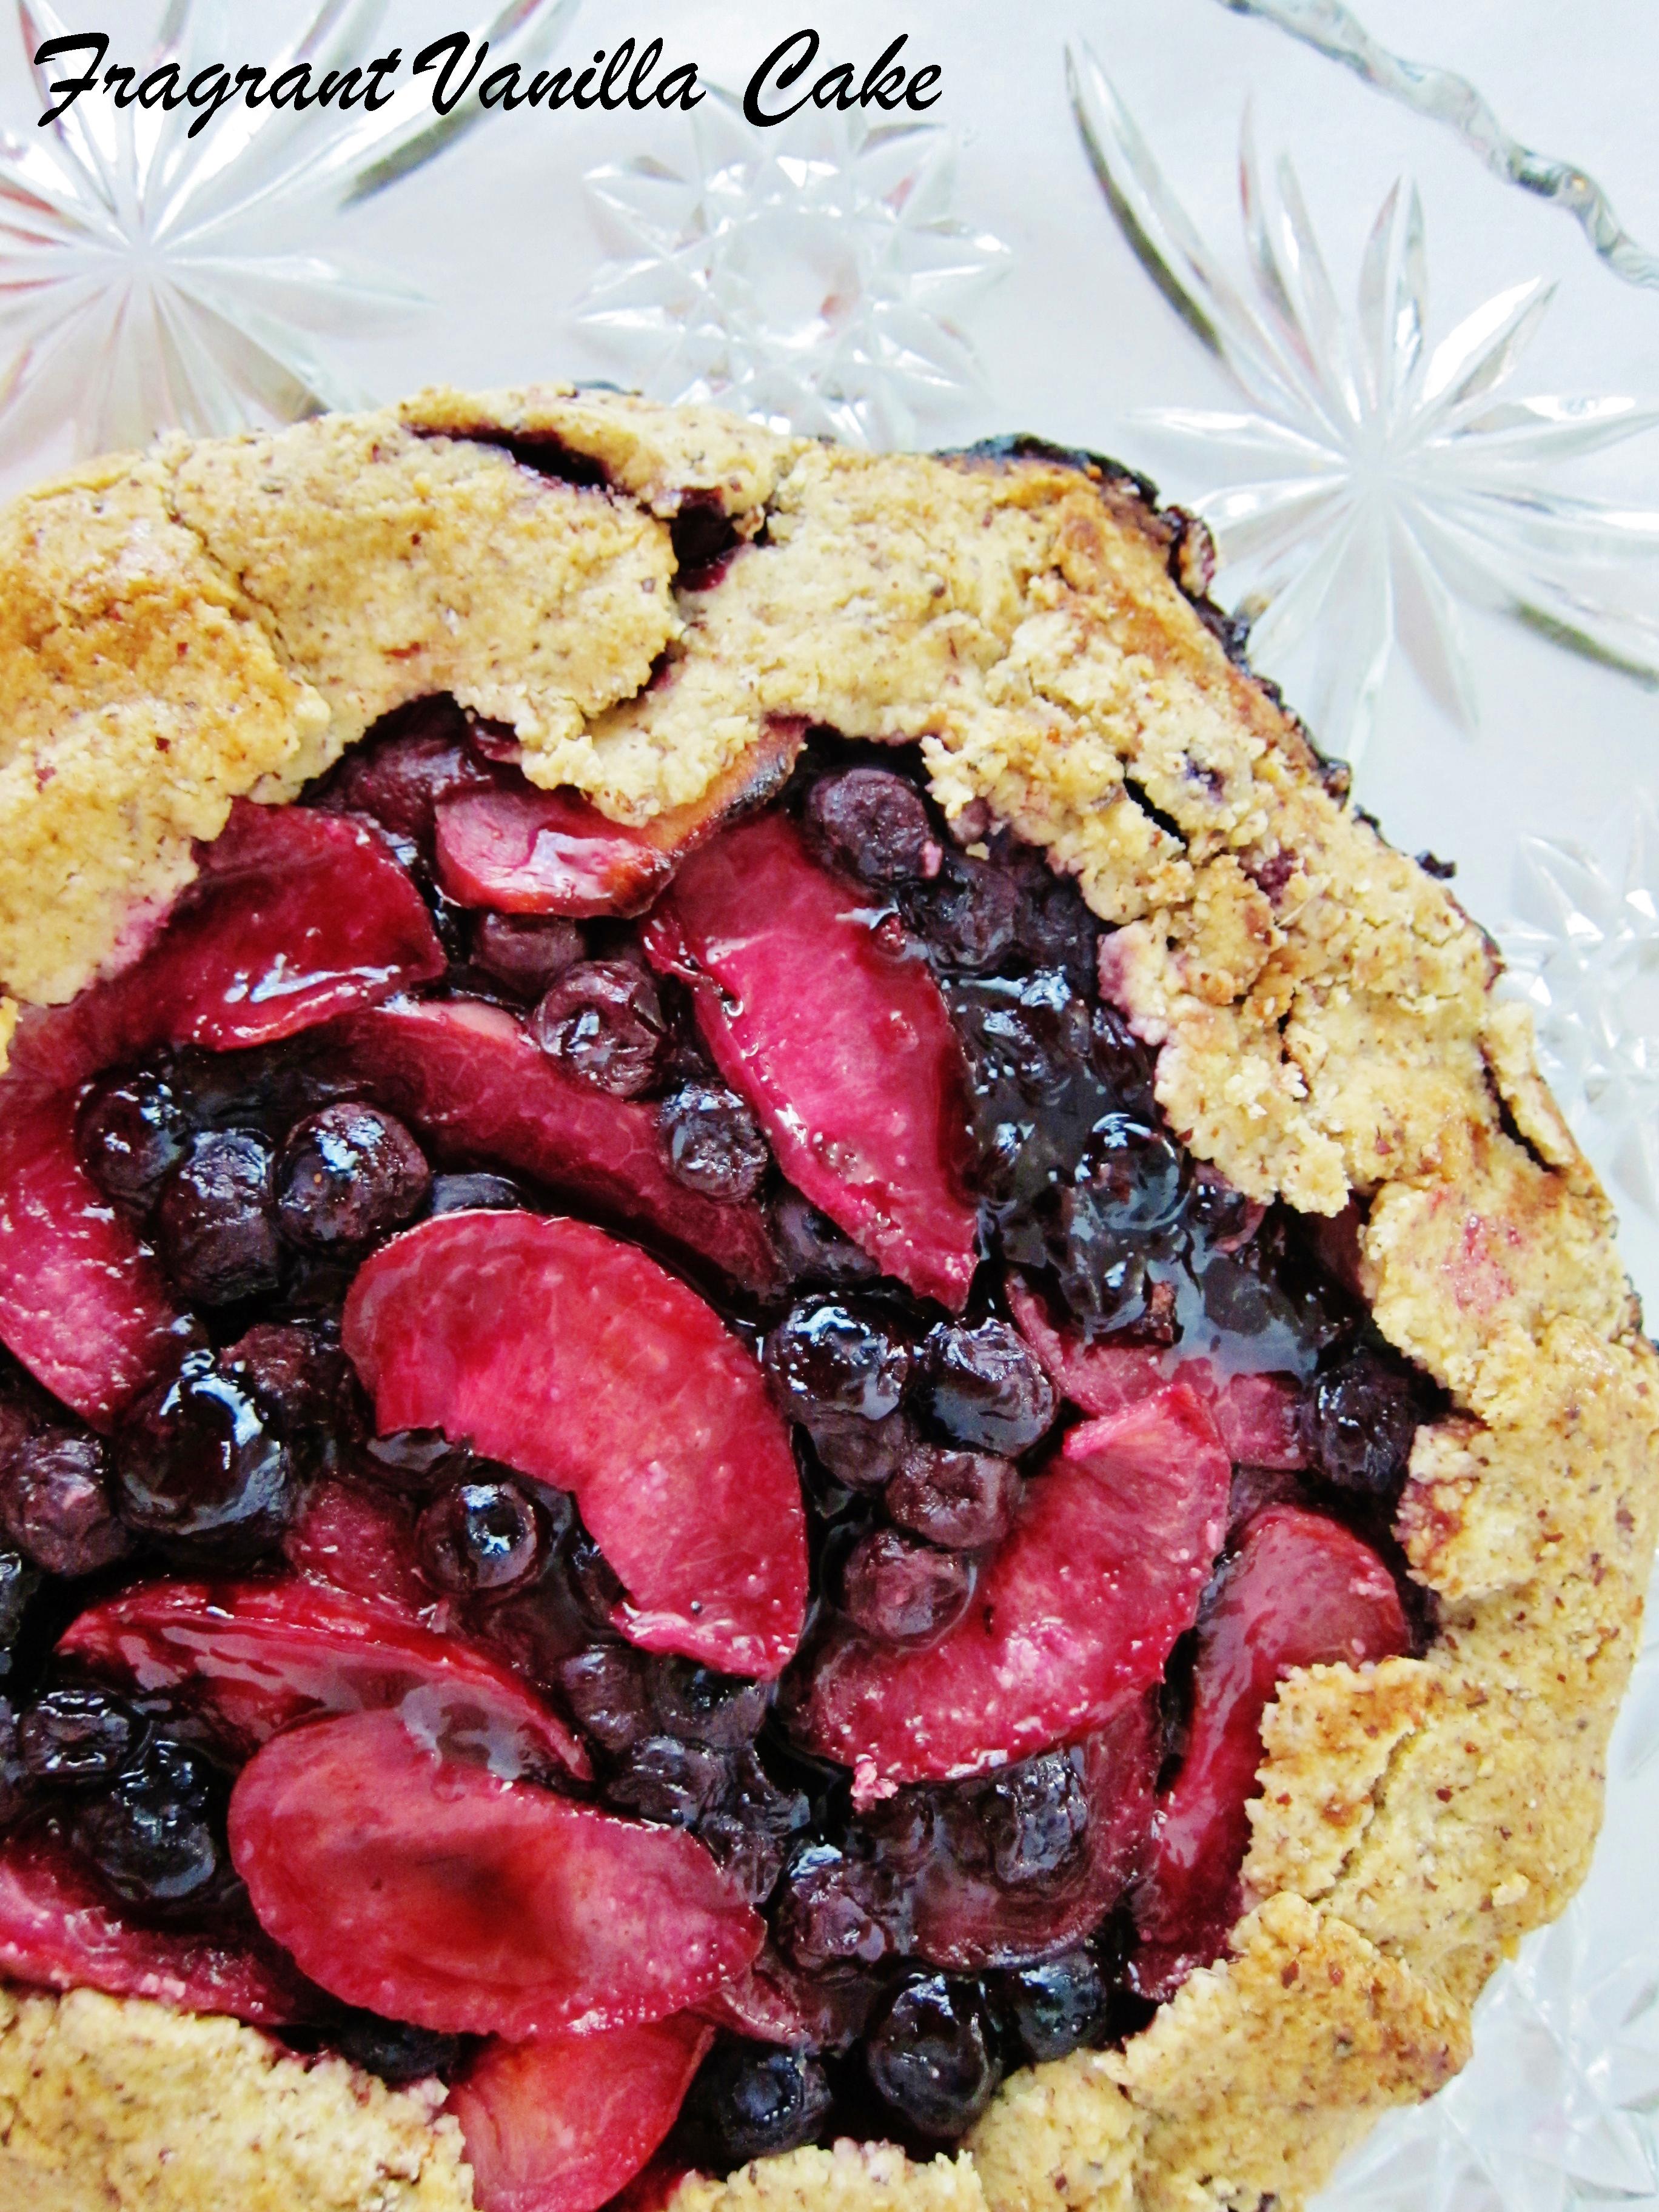 Vegan Blueberry Pluot Galette with Hazelnut Oat Crust